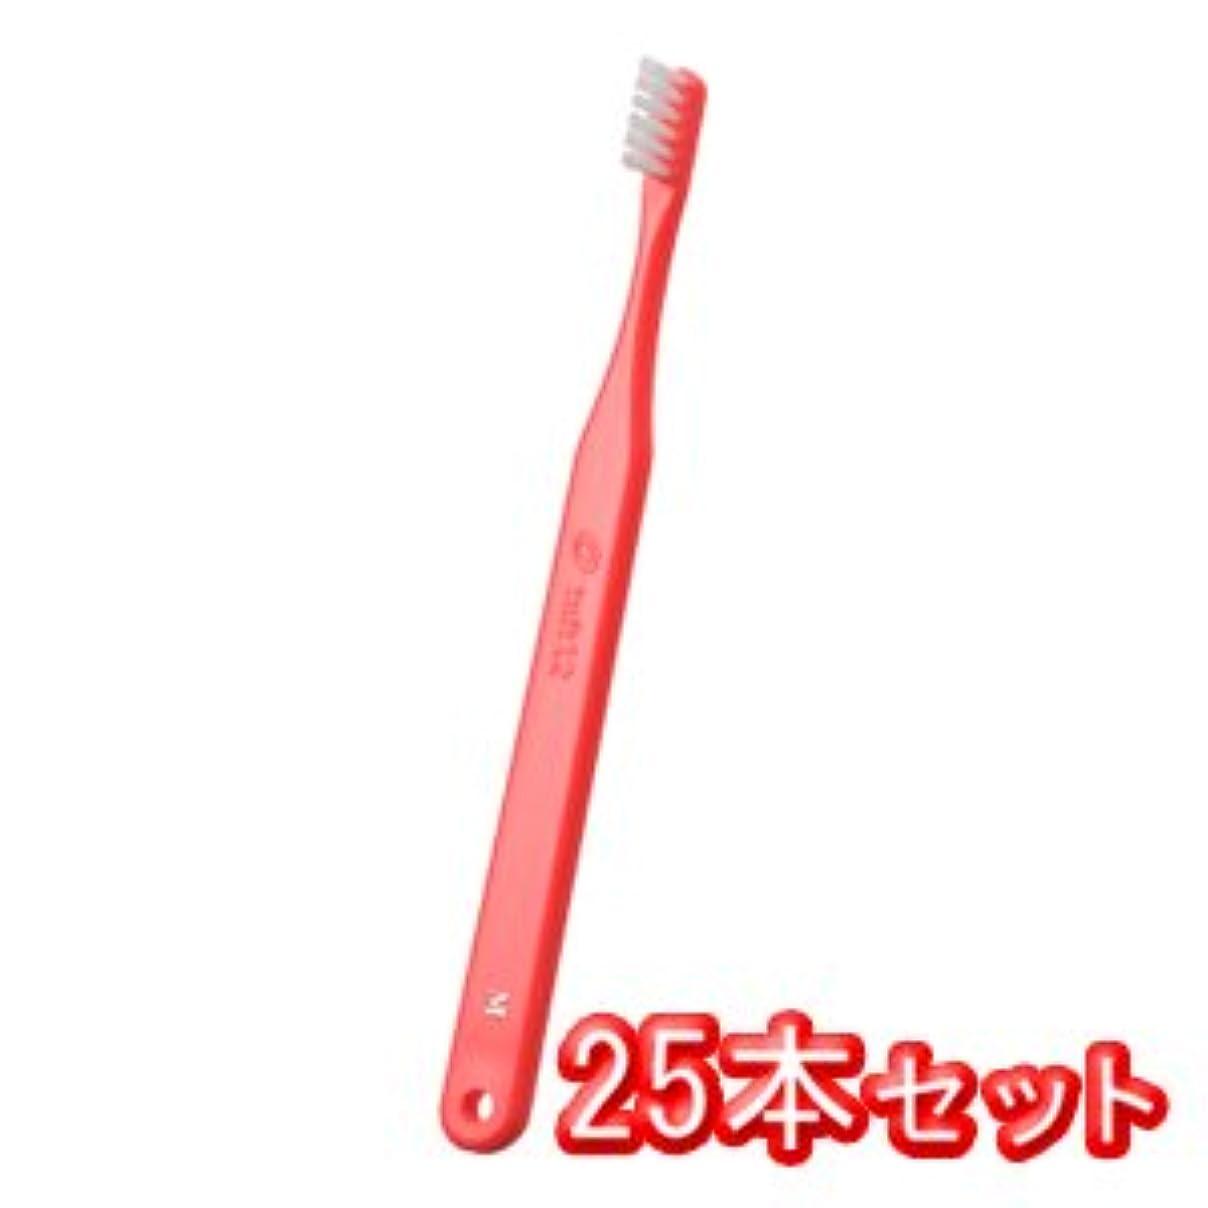 環境に優しいやむを得ない有害オーラルケア タフト12 歯ブラシ 25本入 ミディアム M レッド